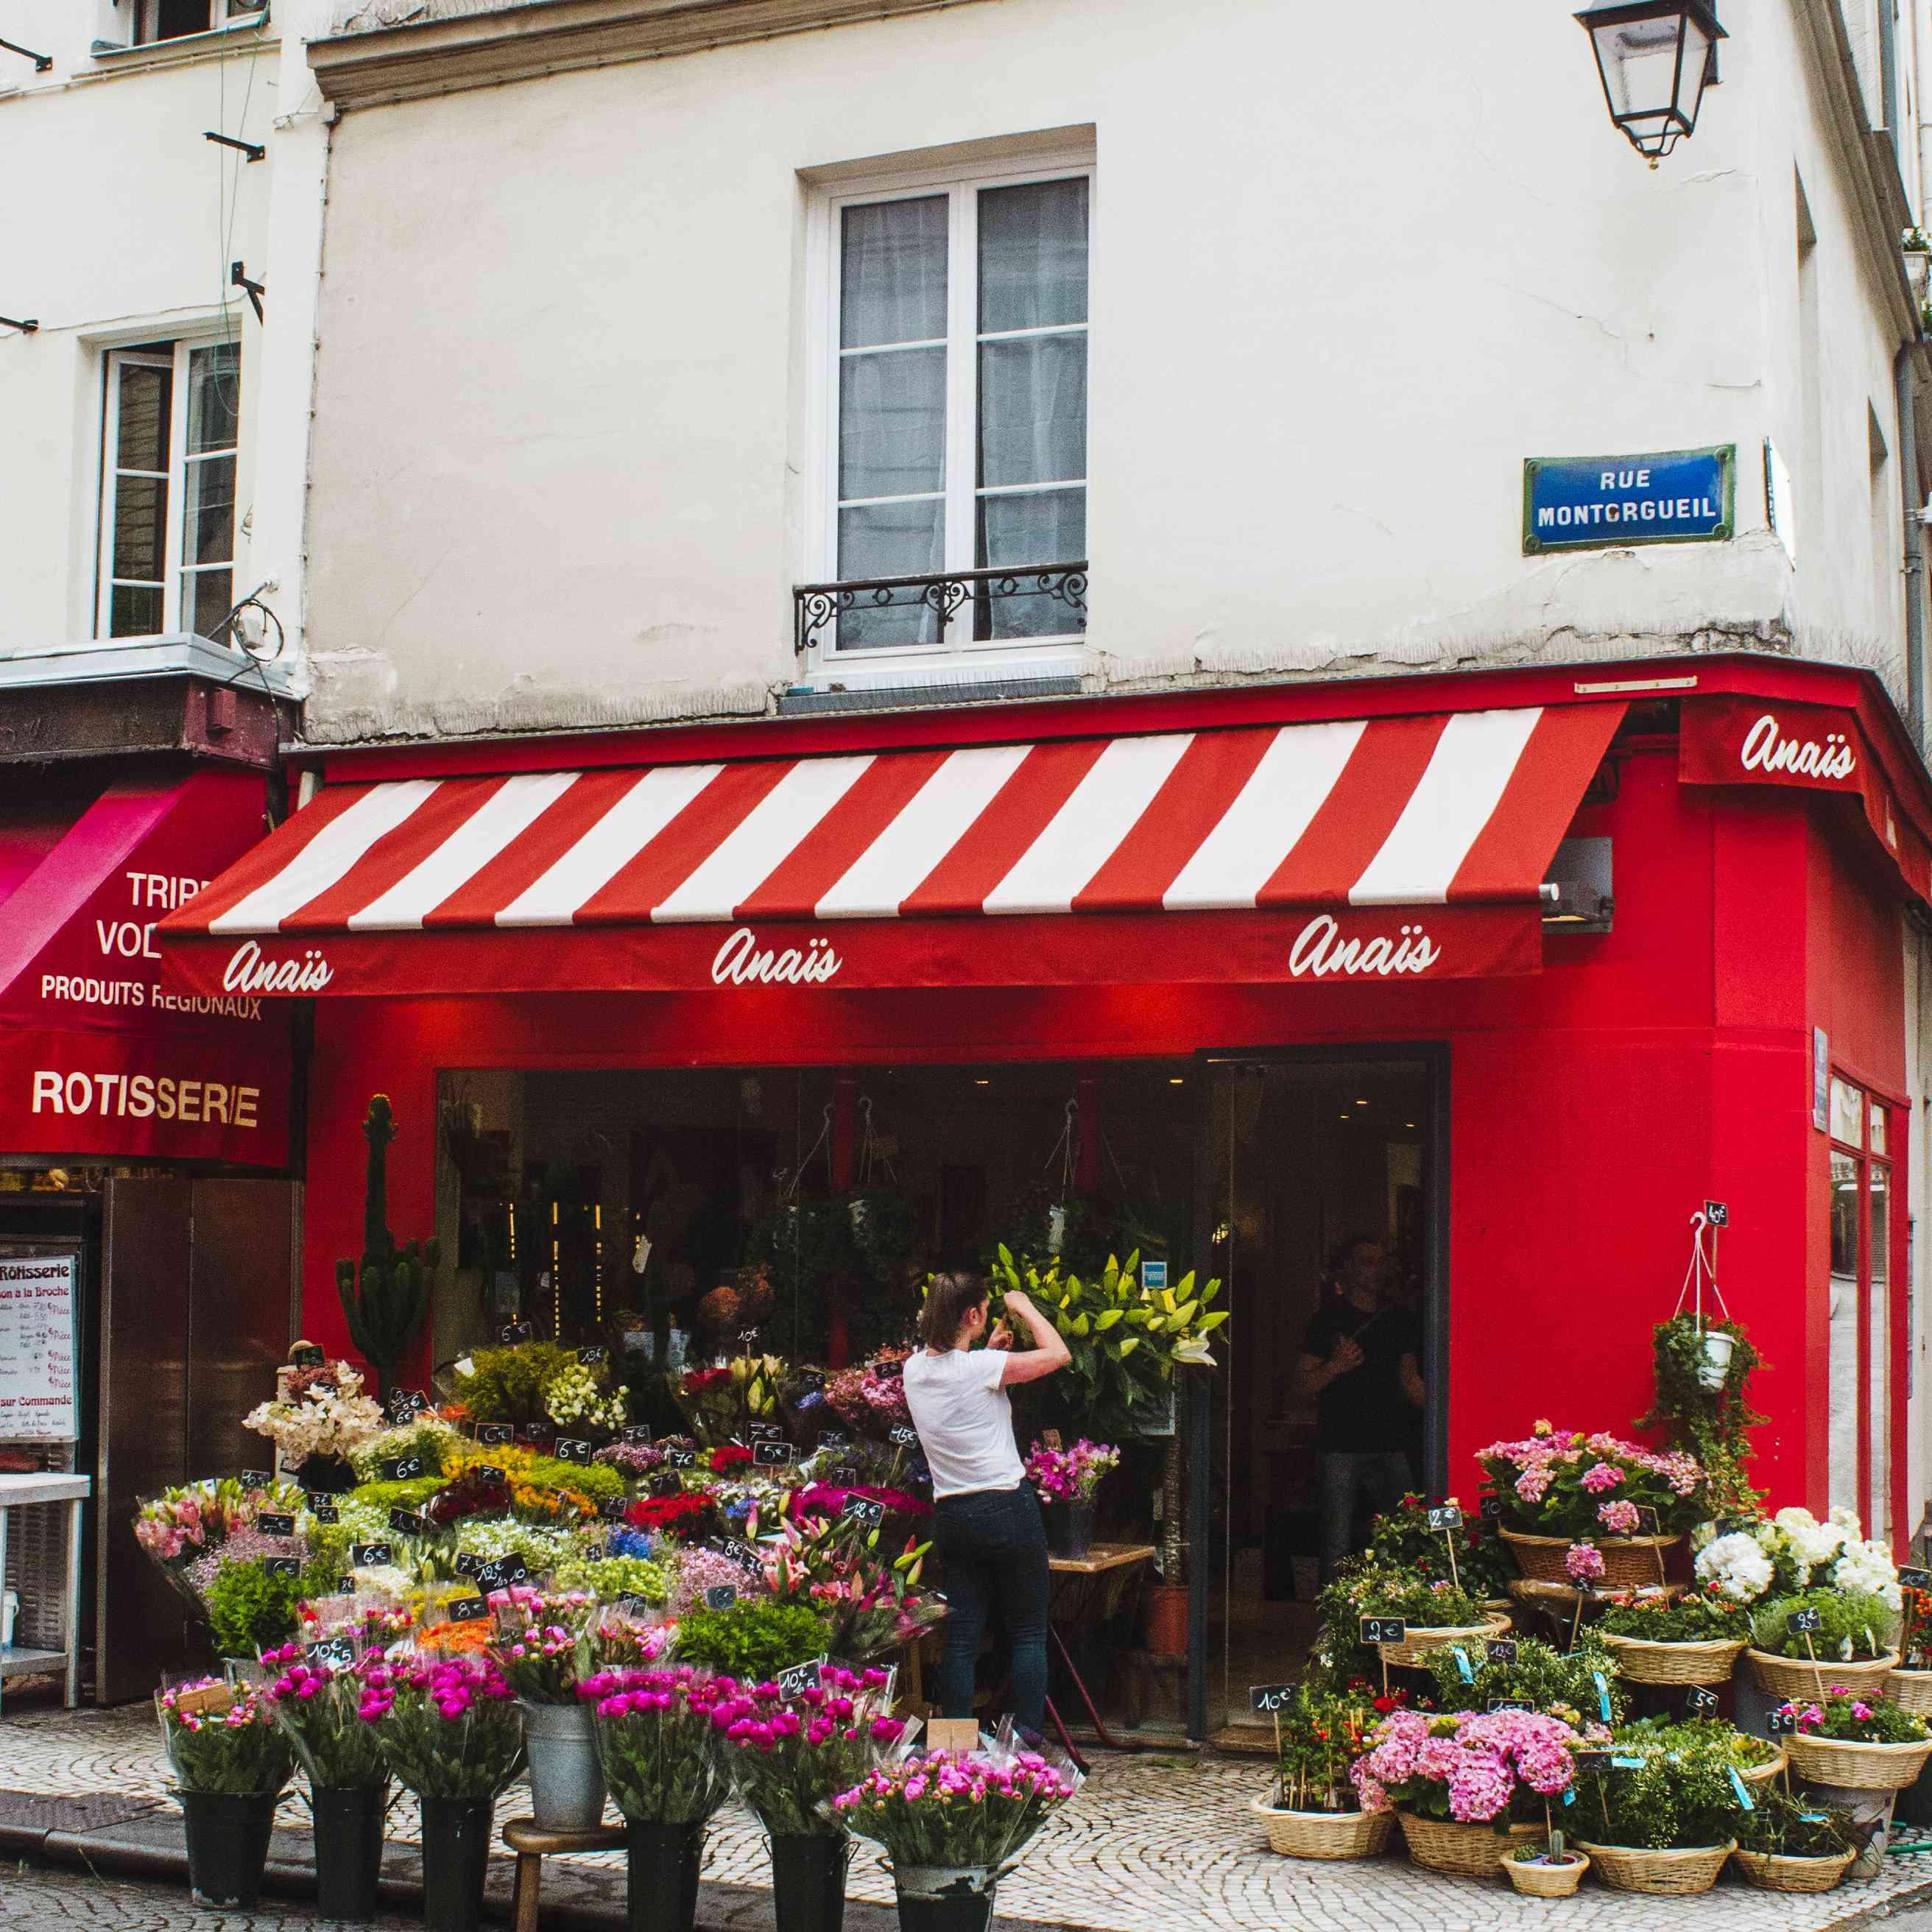 Flower shop on Rue Montorgueil